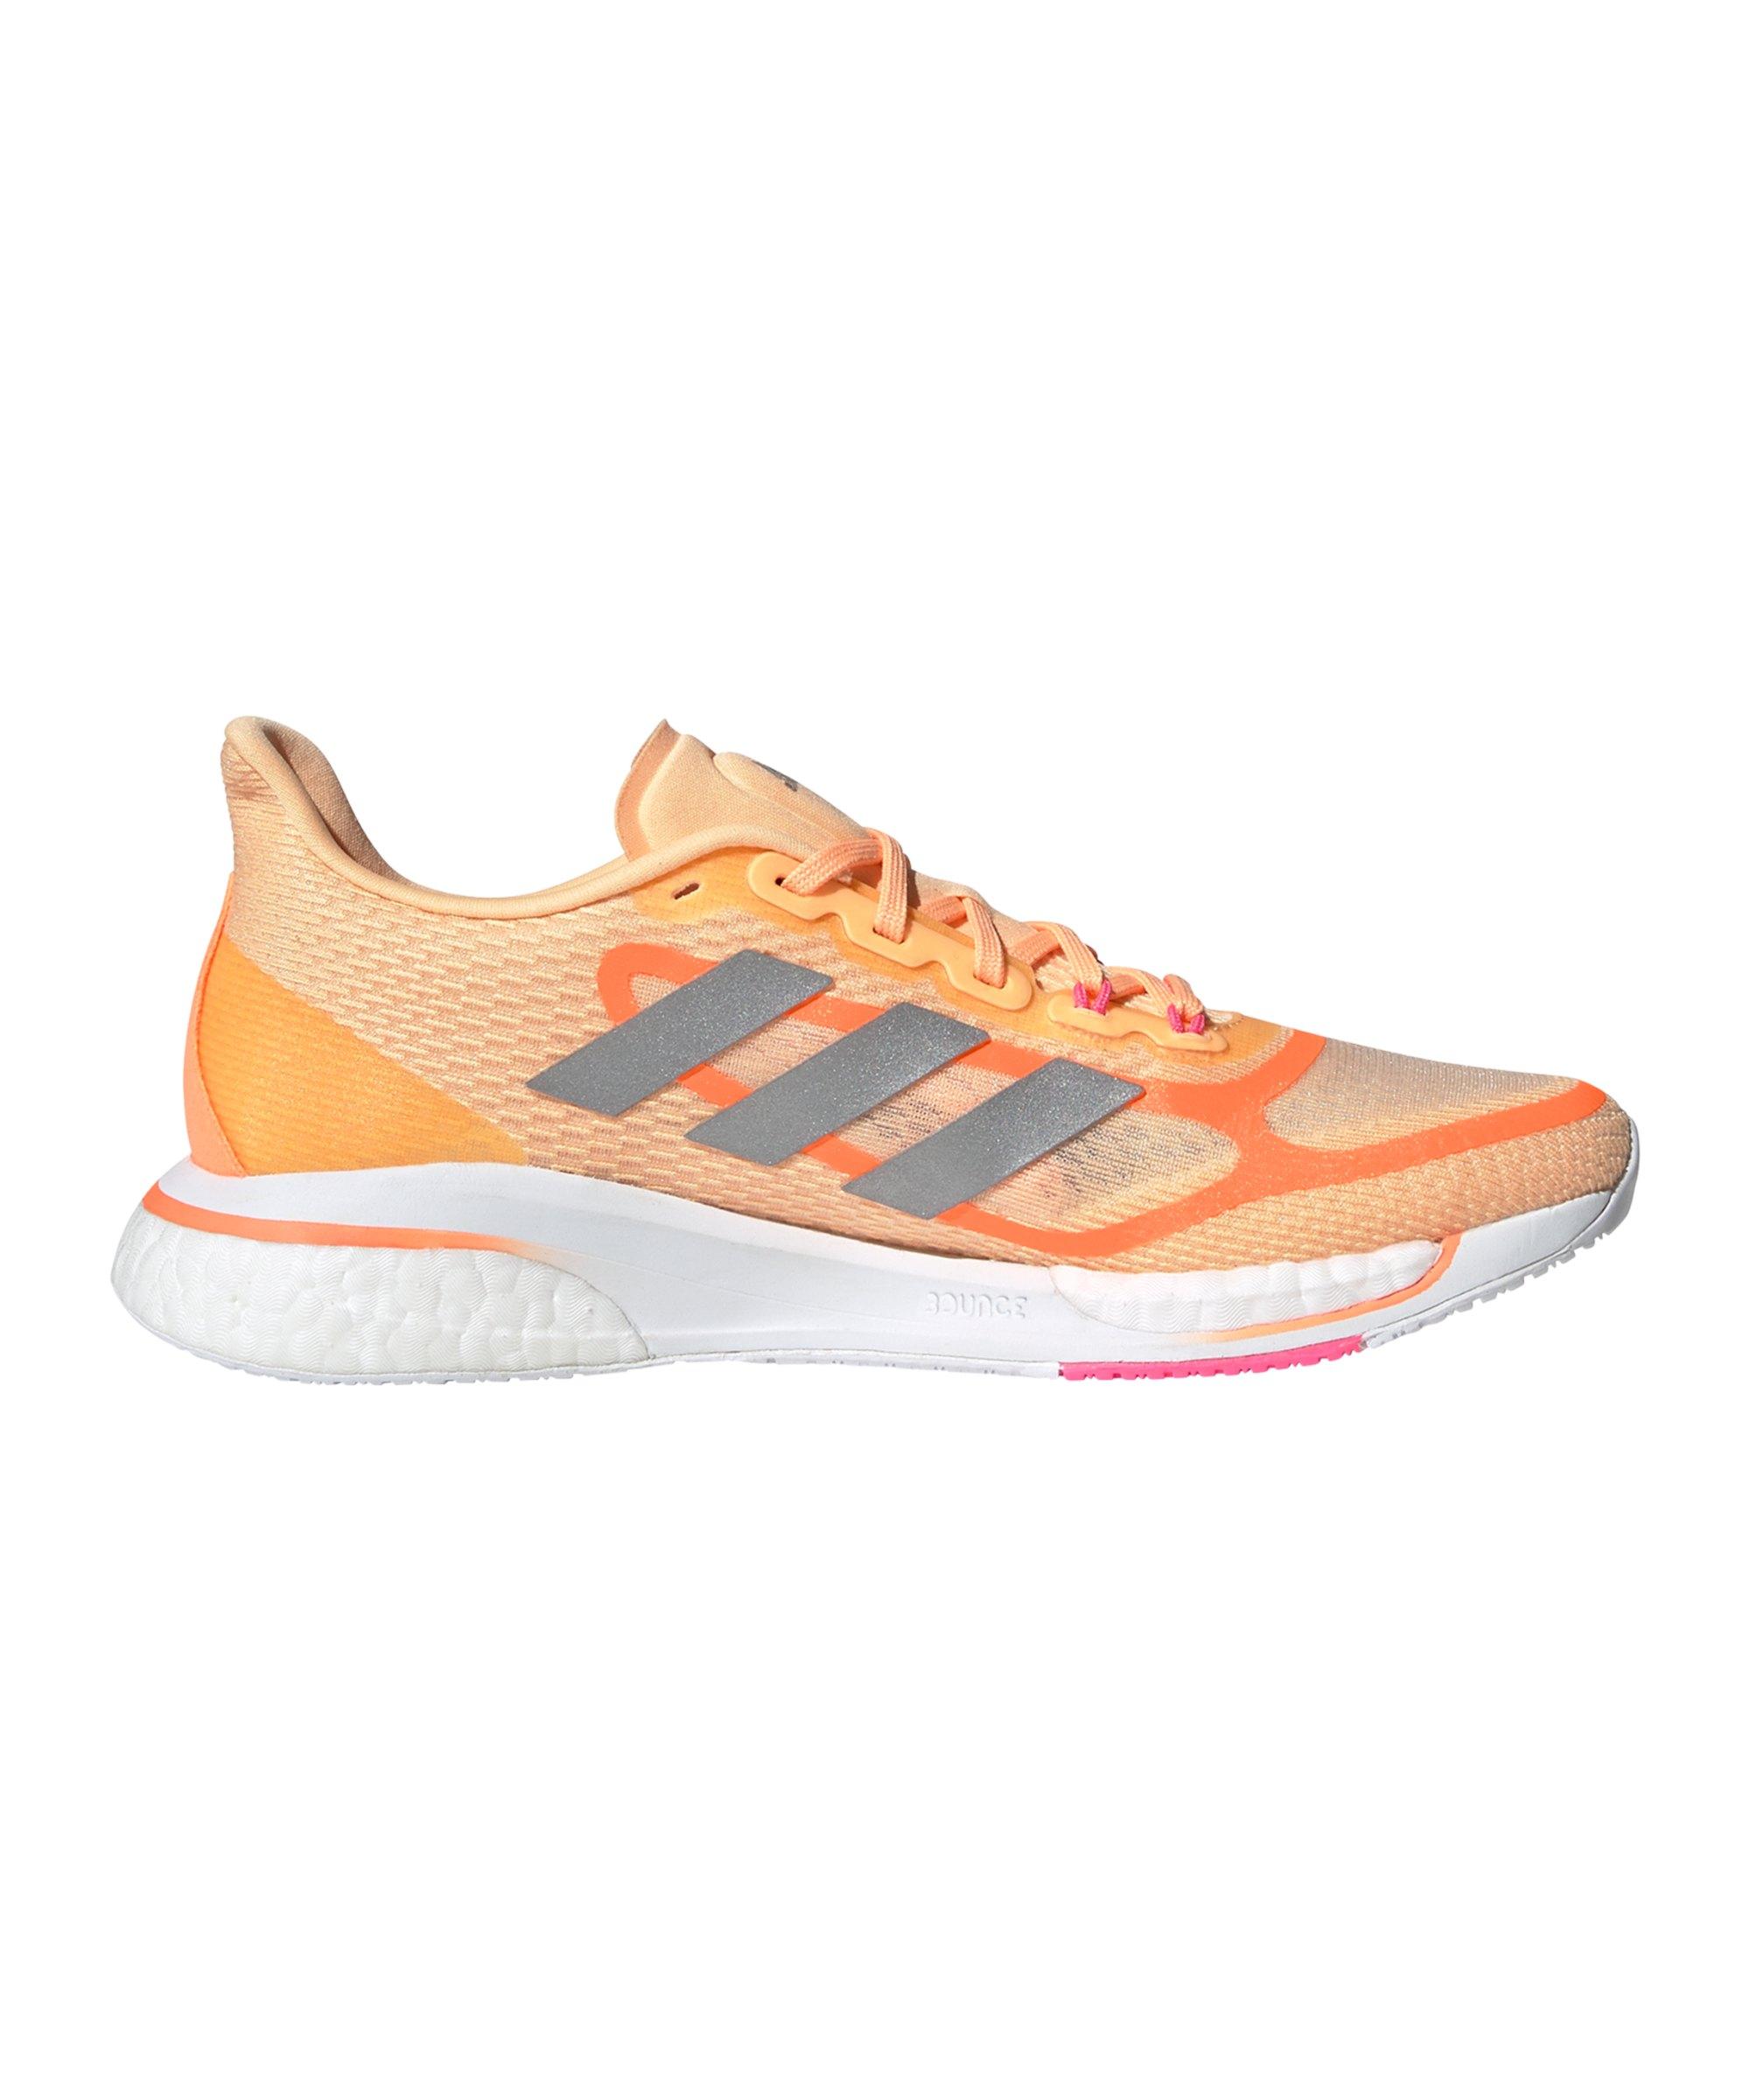 adidas Supernova Running Damen Orange Silber - orange